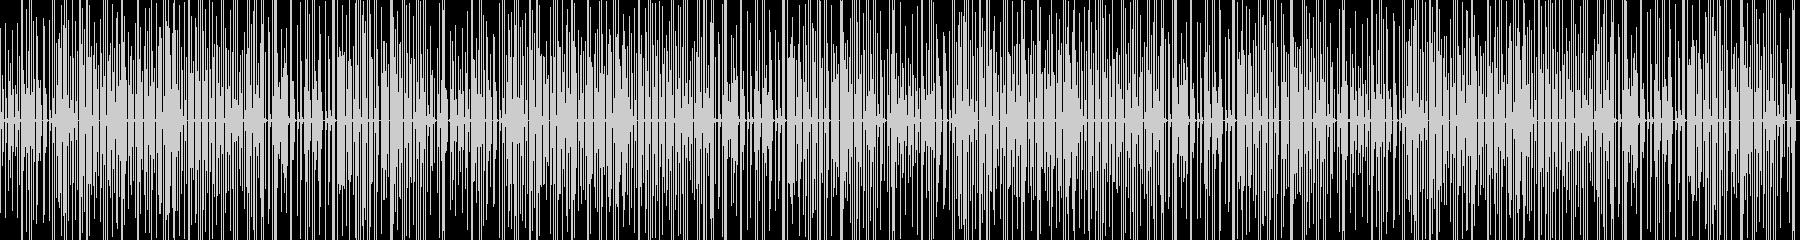 軽快でコミカルな少しとぼけた感じの楽曲の未再生の波形